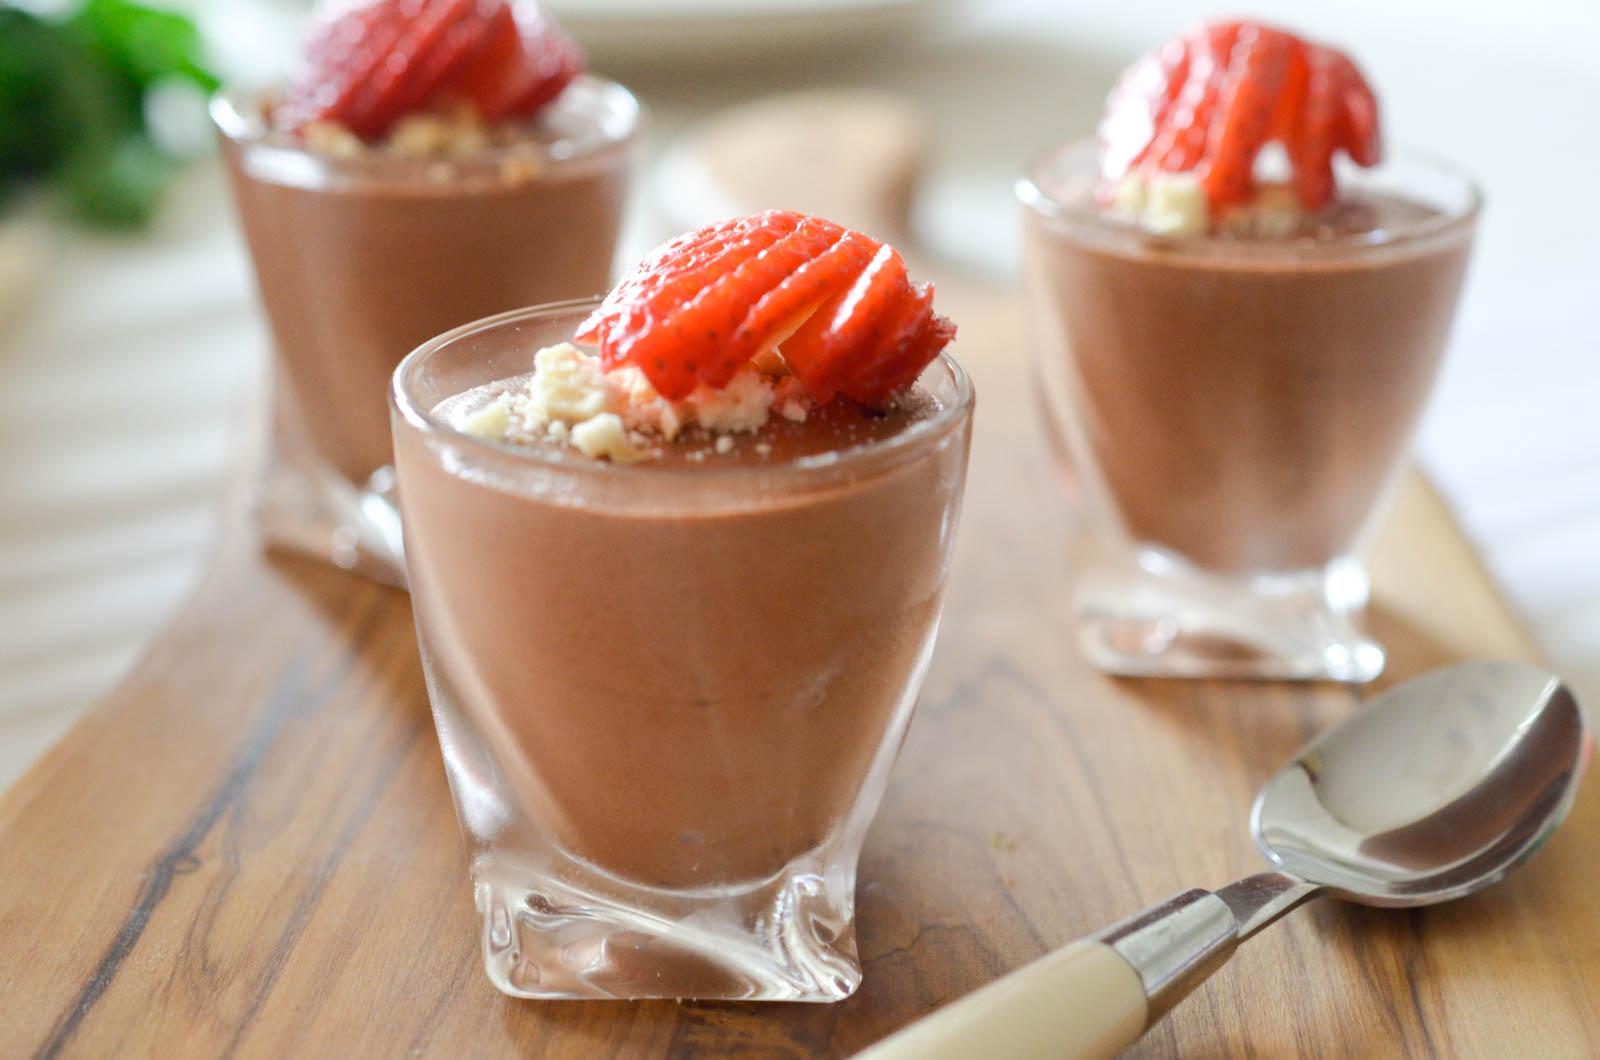 Mousse au chocolat vegan ... version pois chiches